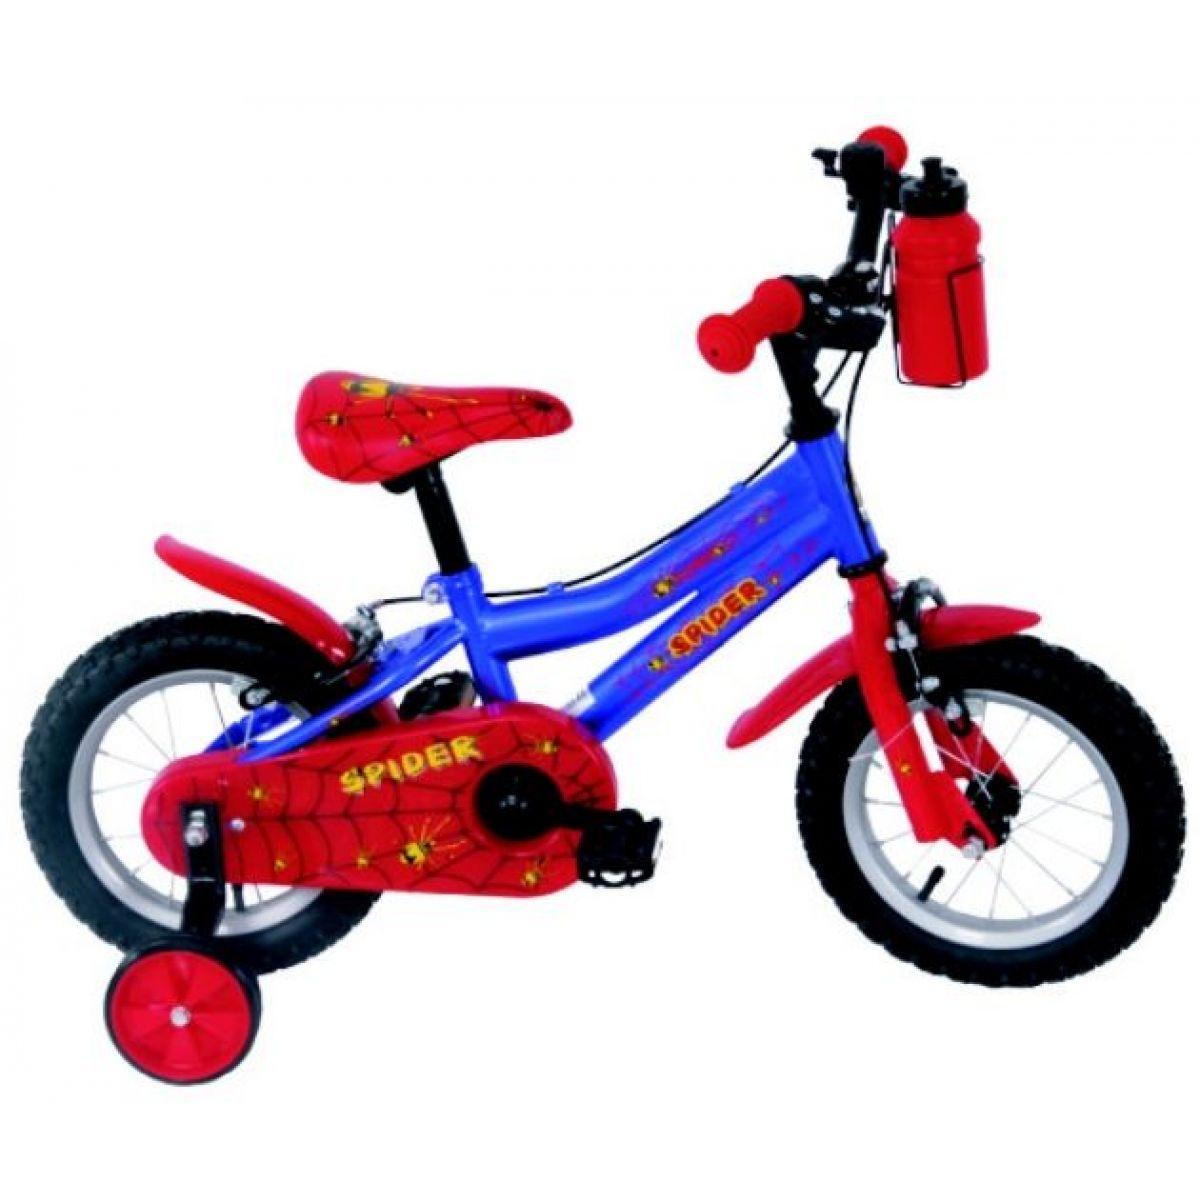 GMT Dětské jízdní kolo Spider 12